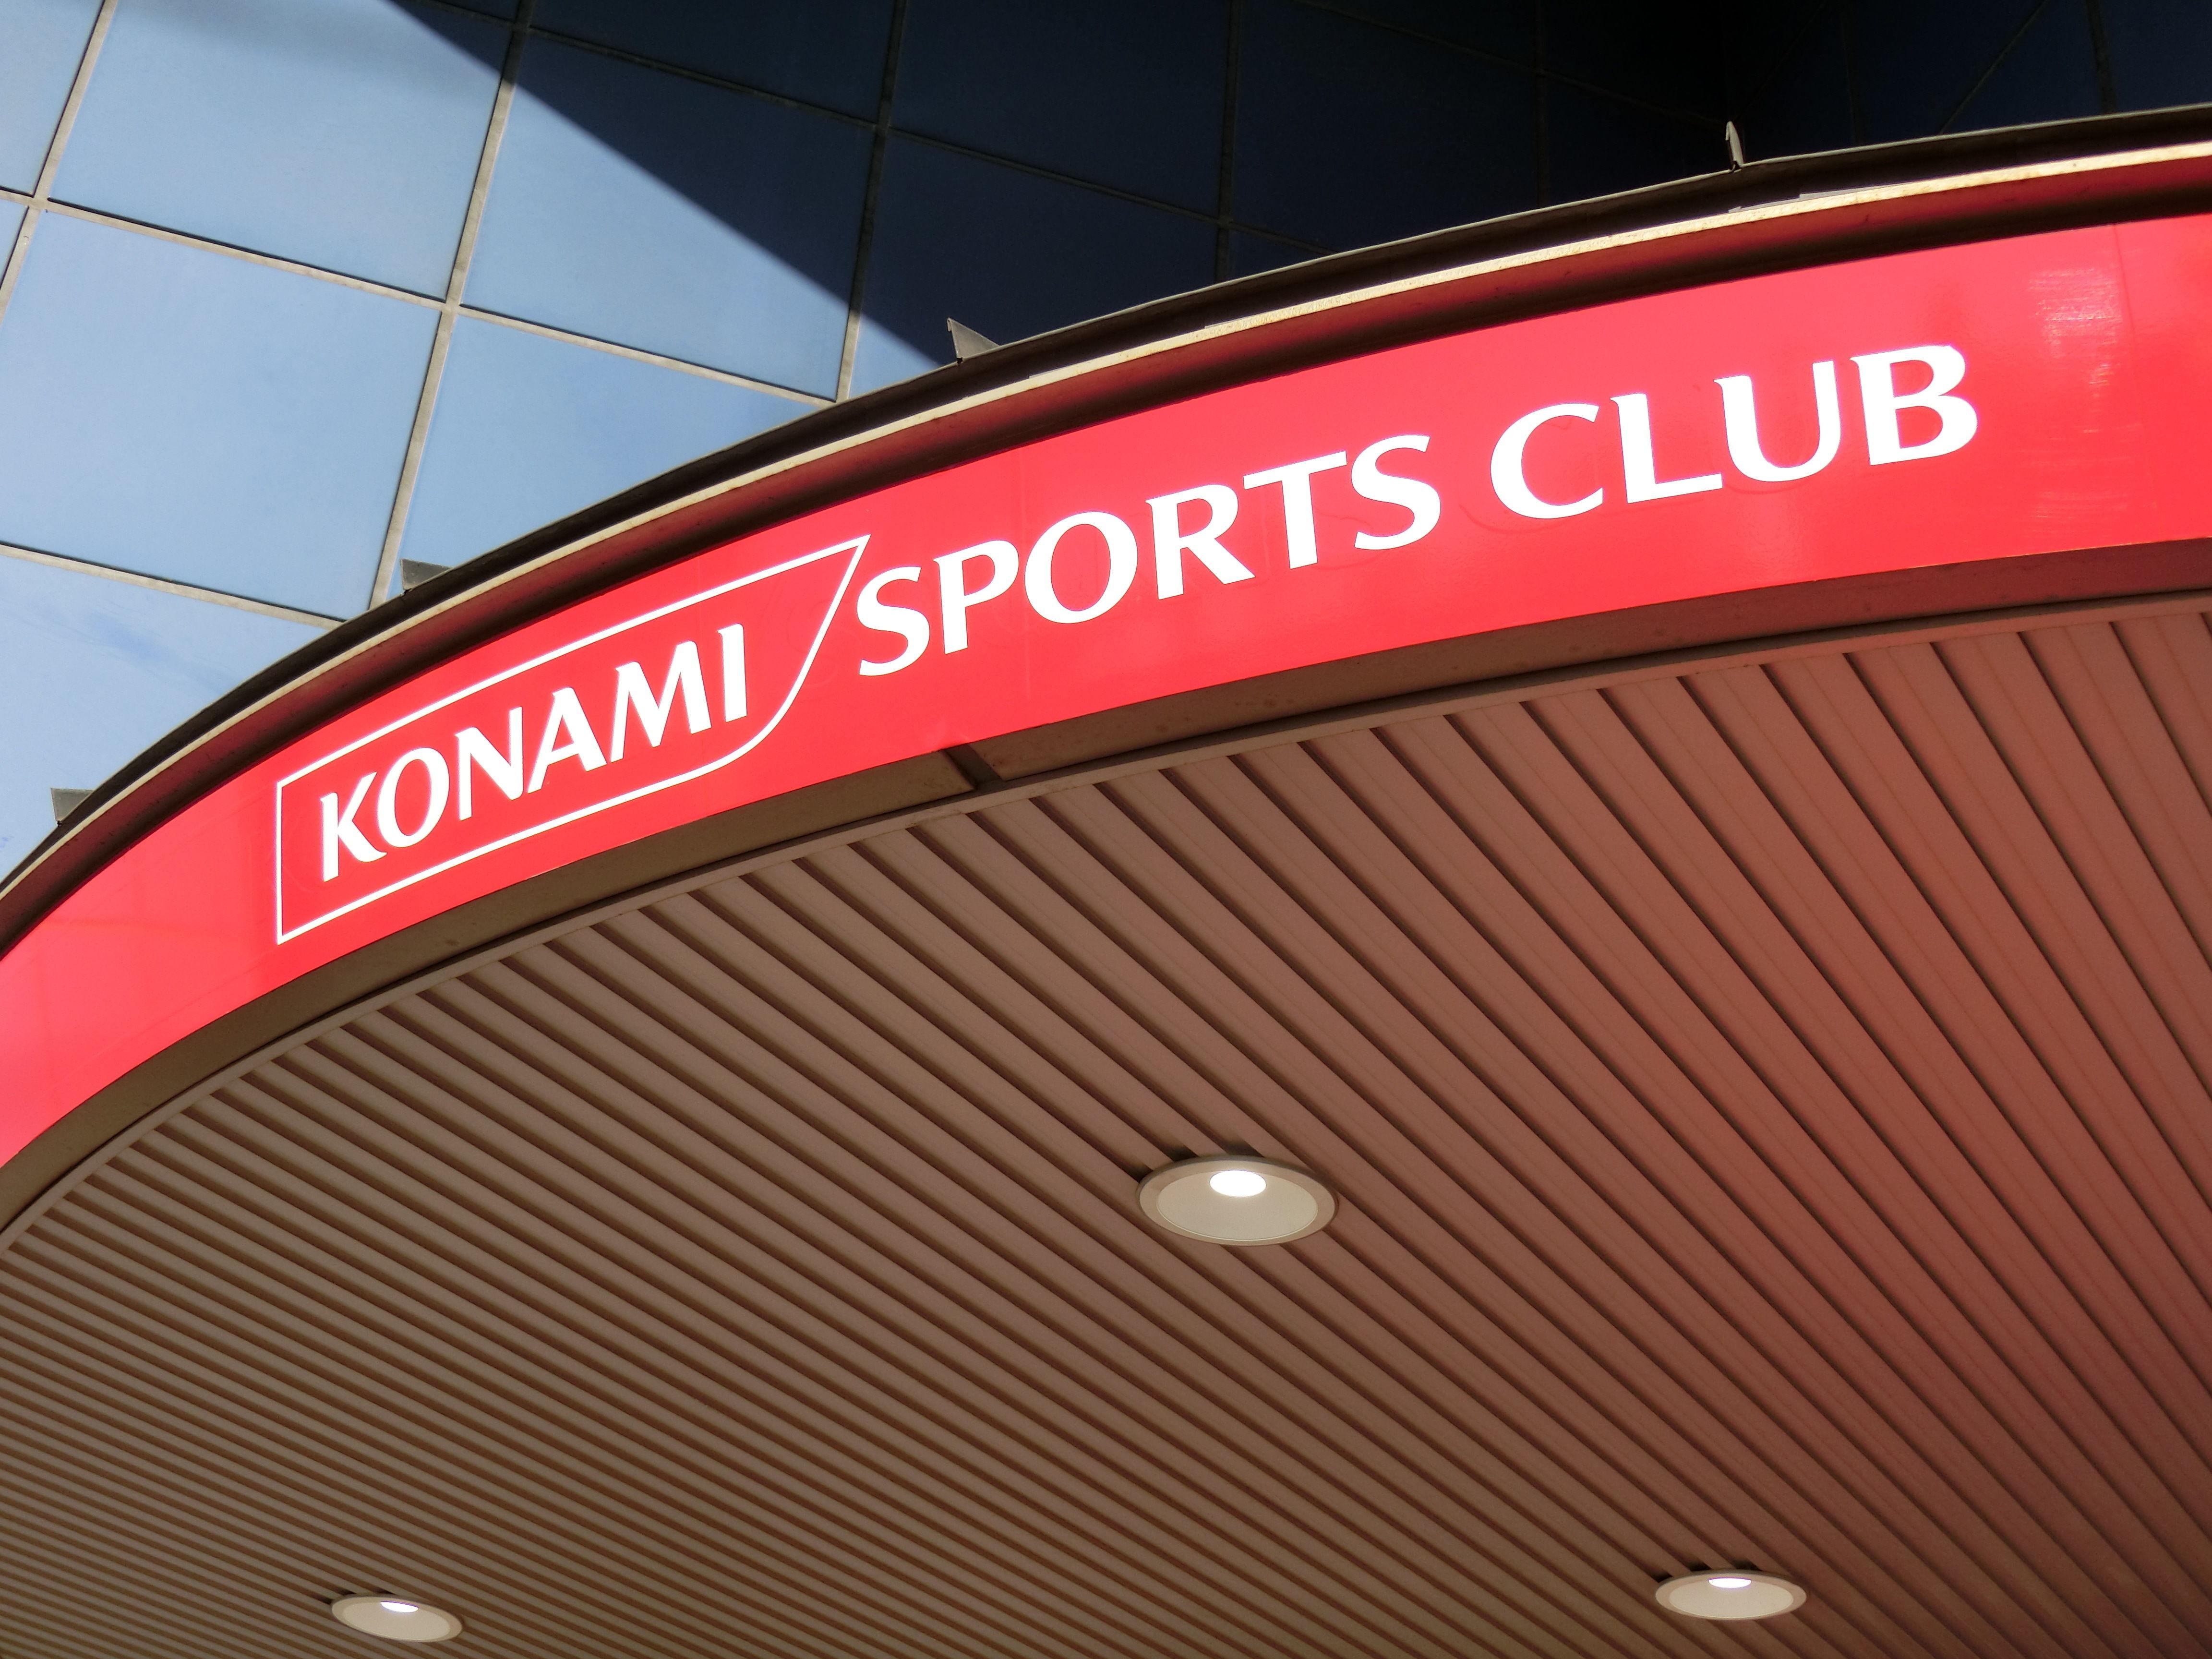 スポーツクラブ大手、売上高「4割減」で最終コーナーに突入